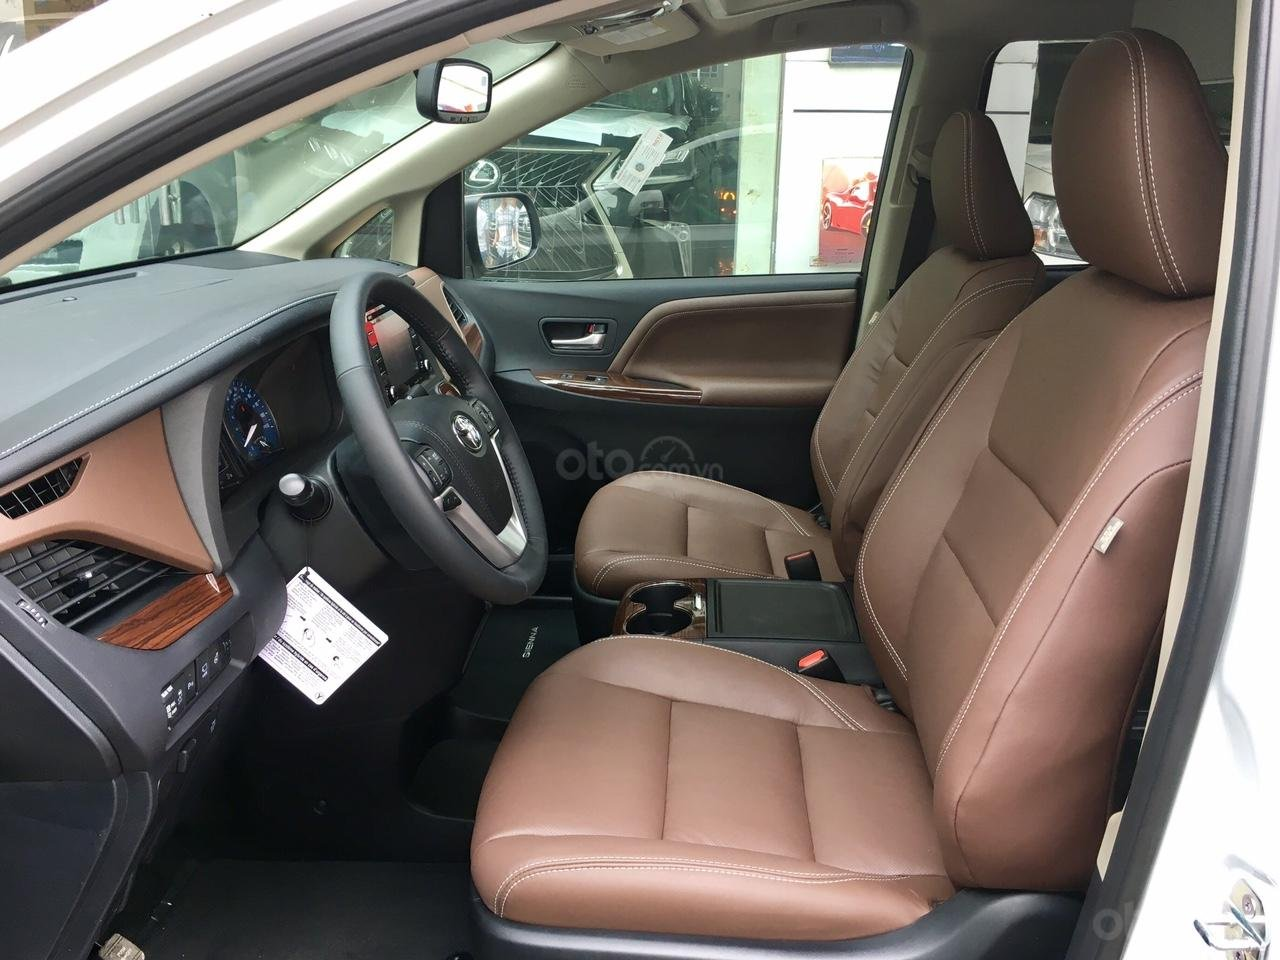 Bán Toyota Sienna Limited 1 cầu 2019, giá tốt, xe giao ngay trong ngày, LH Ms Hương 094.539.2468 (11)